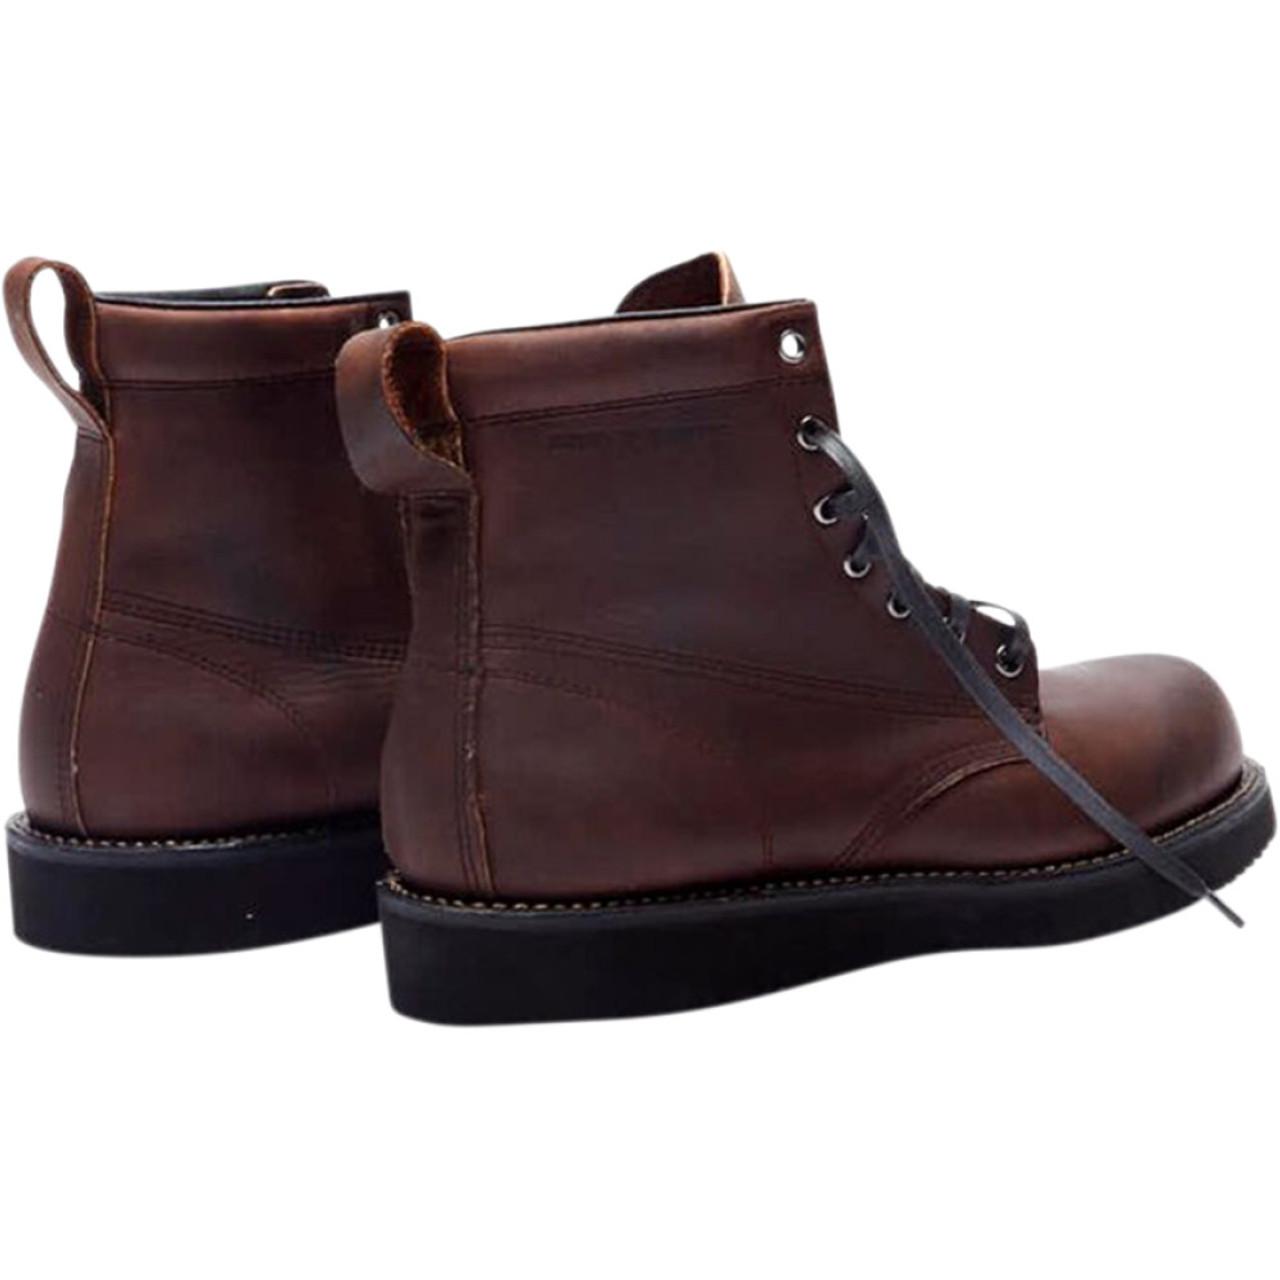 2af23e9589621 Broken Homme James Leather Boots - Oxblood Red